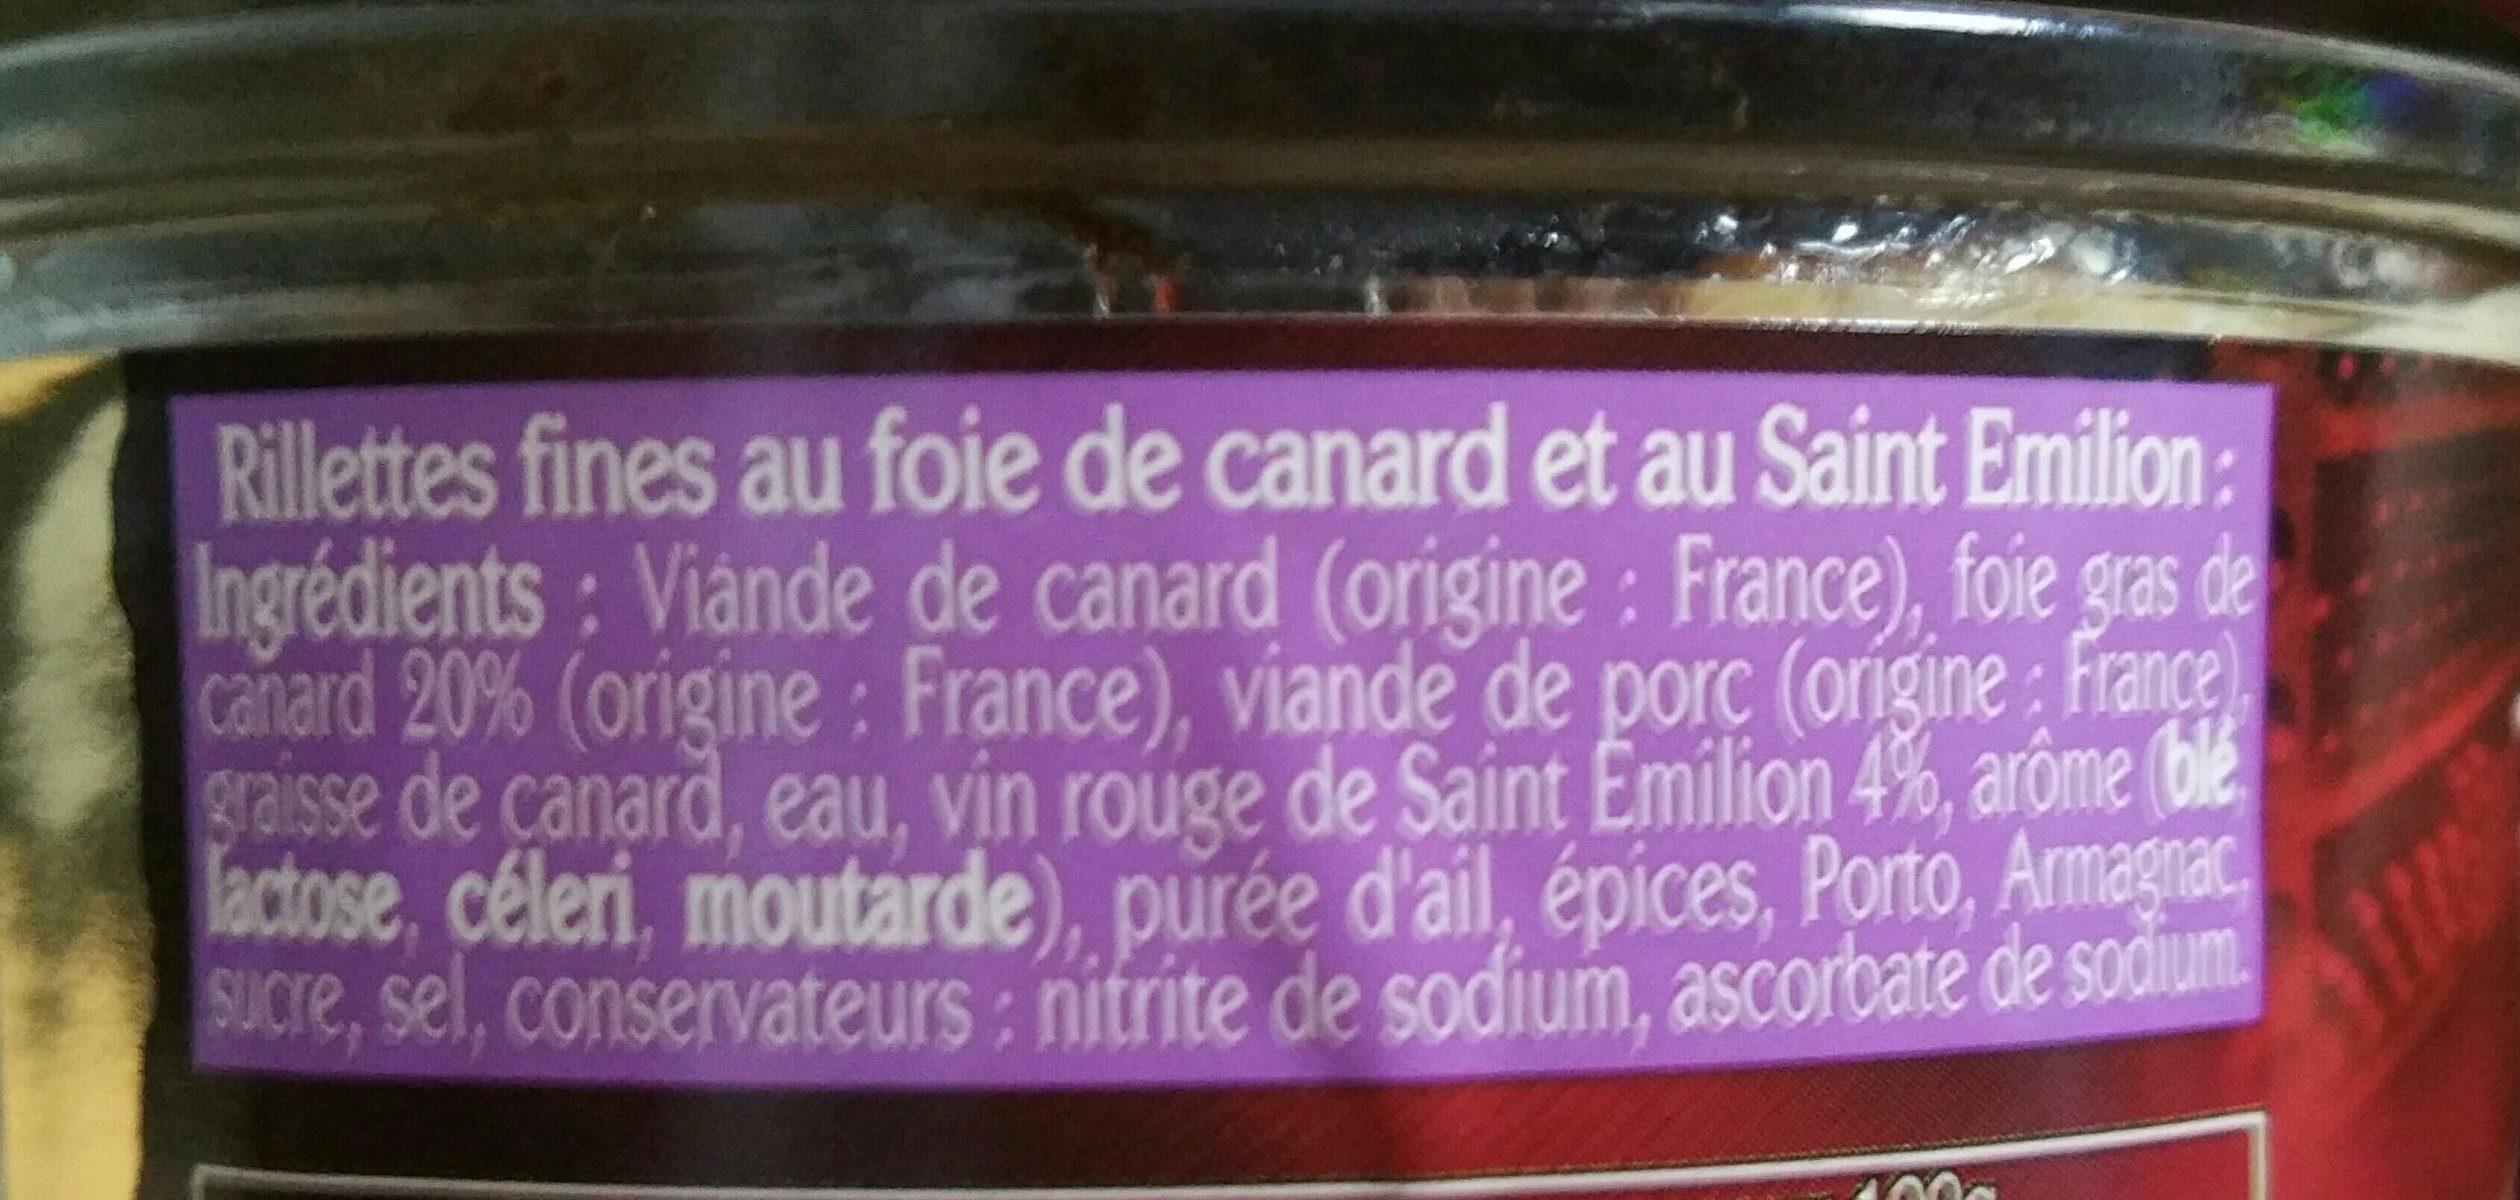 Rillettes fines et éclats de foie Delpeyrat 180G, 1 Bocal - Ingrédients